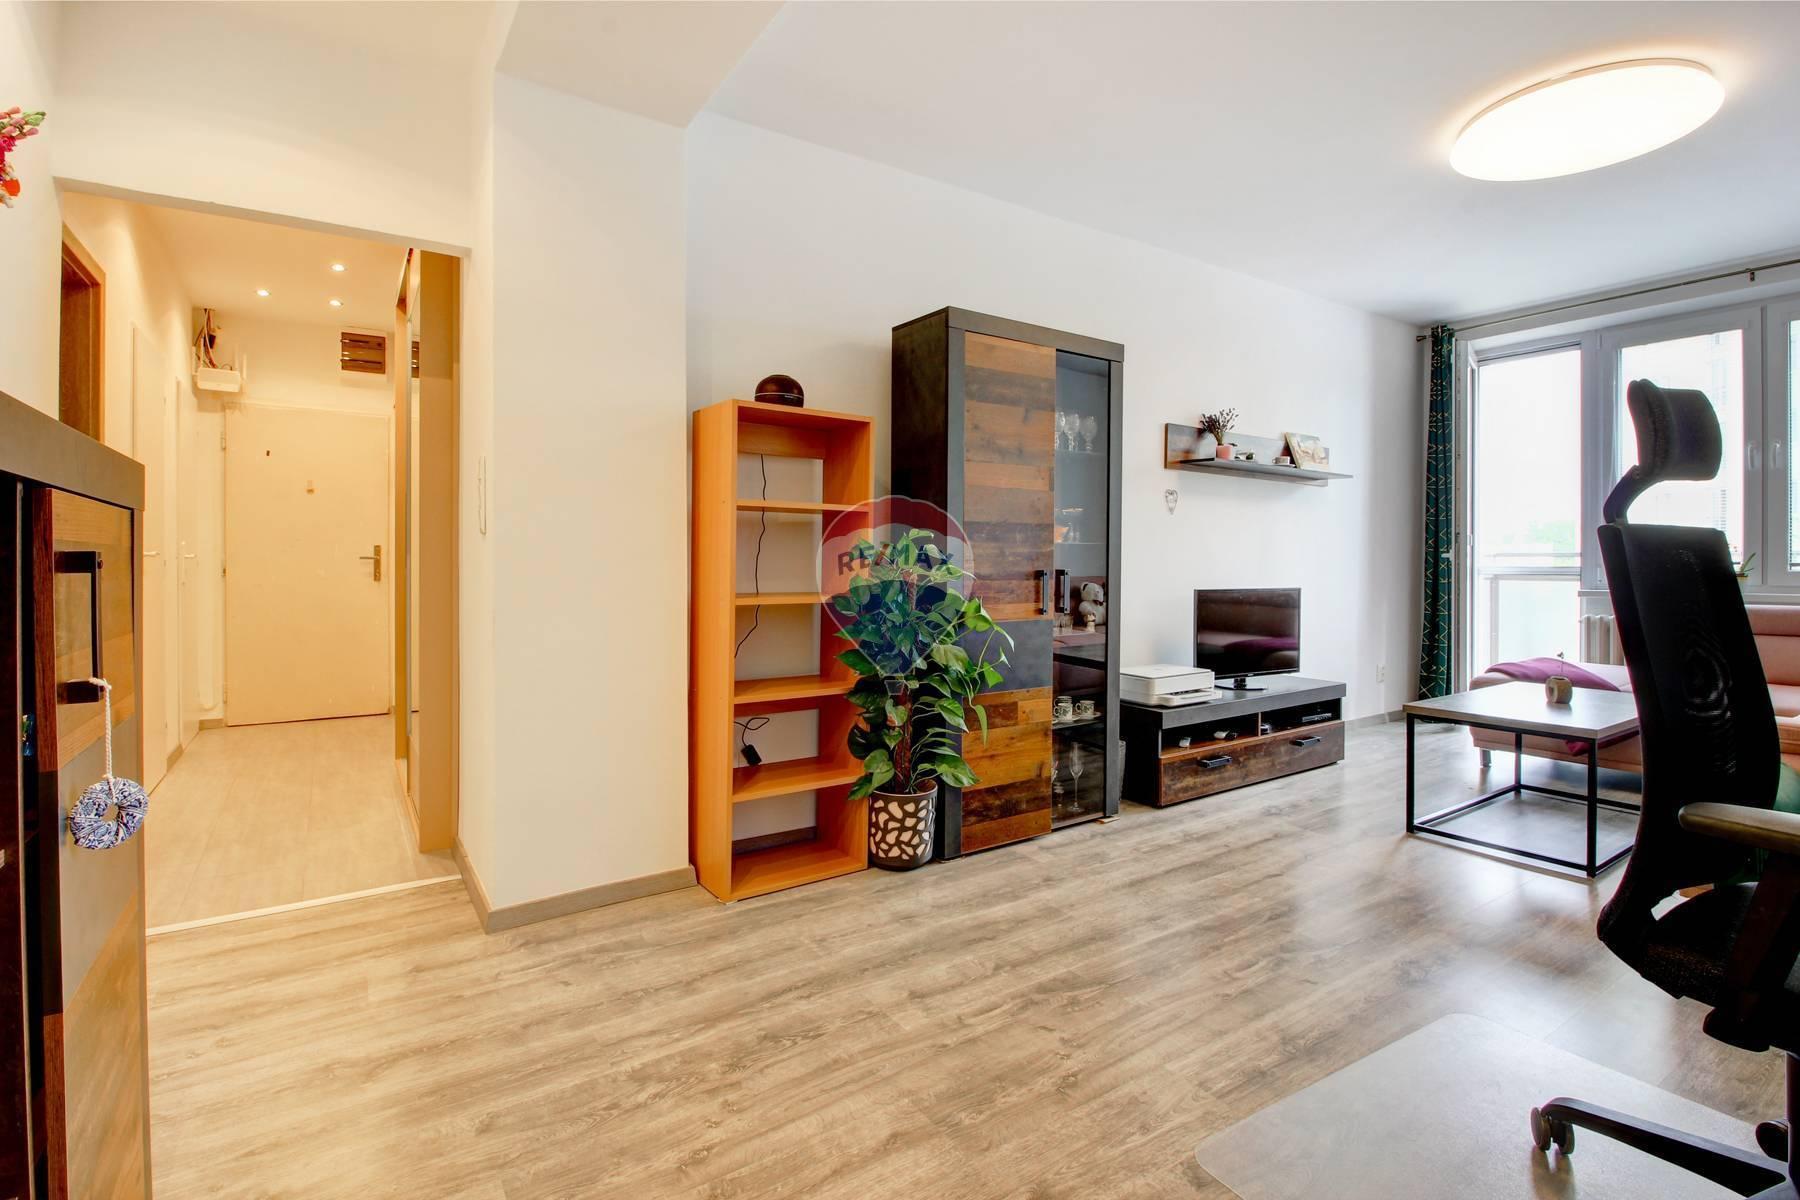 Predaj 3 izbového bytu, Tokajícka- Ružinov